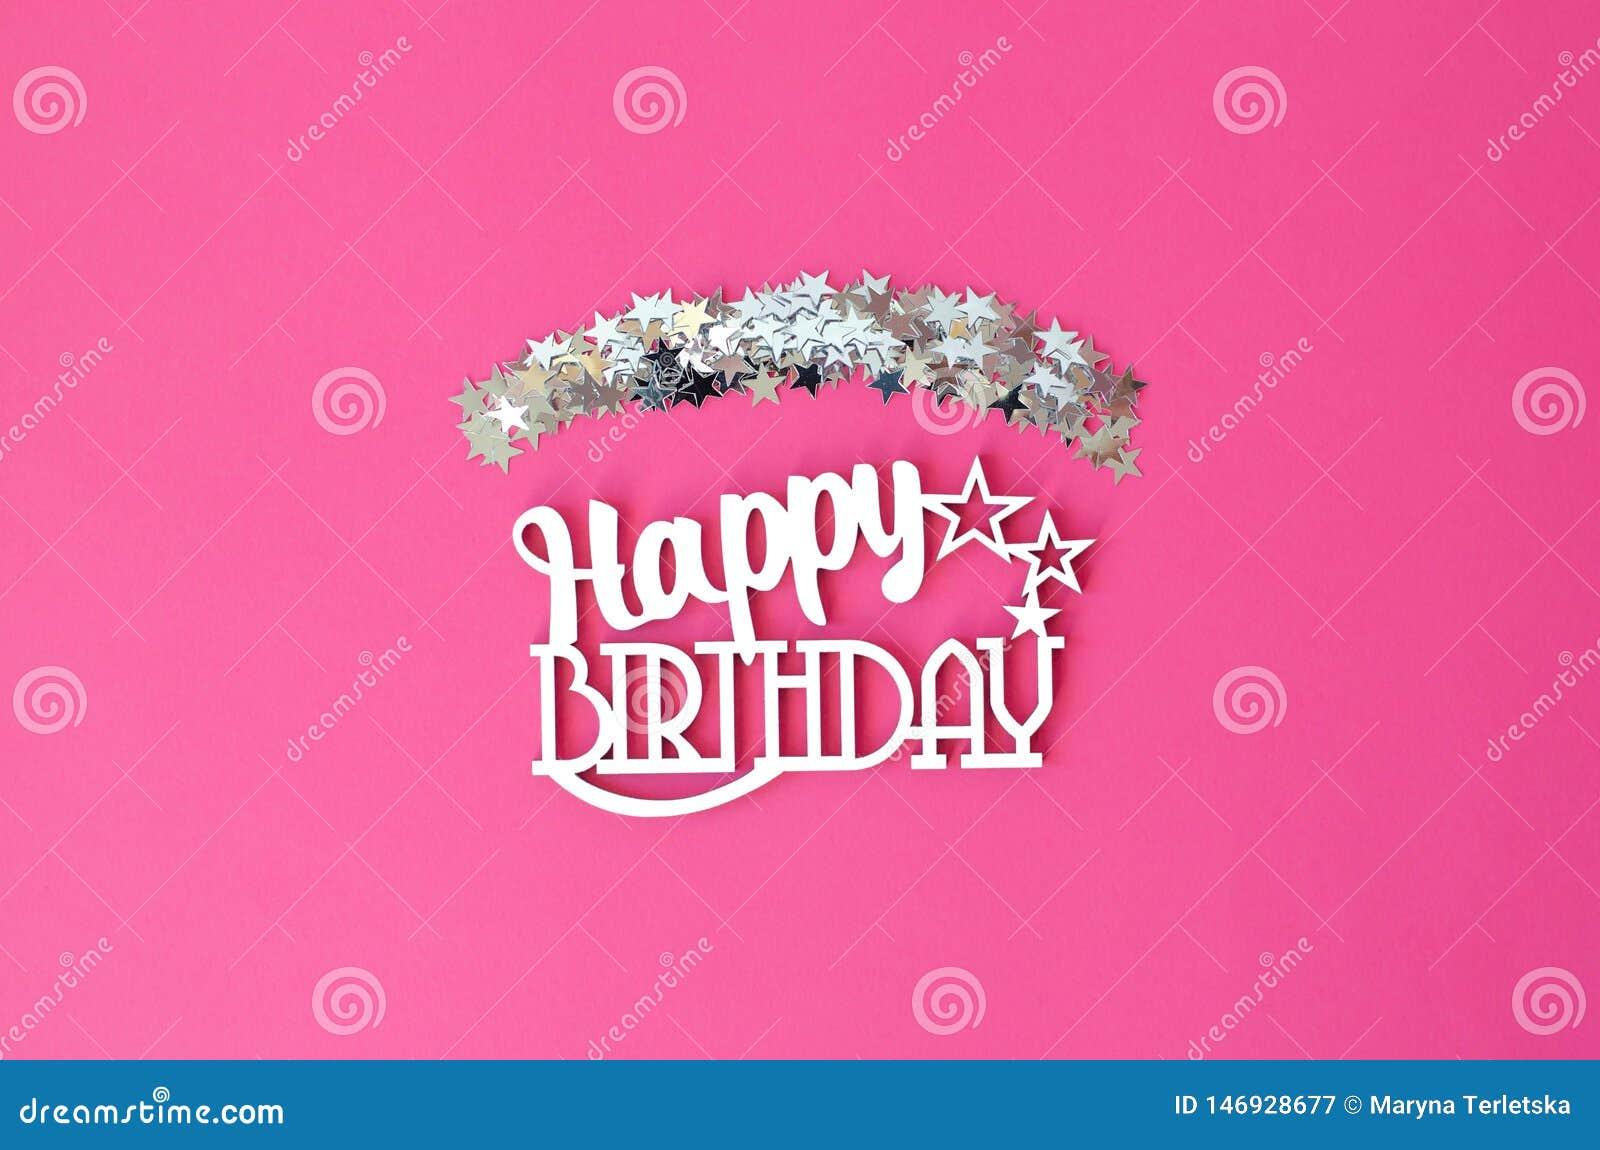 Geburtstagsebene auf einem rosa Hintergrund mit funkelnden Sternen